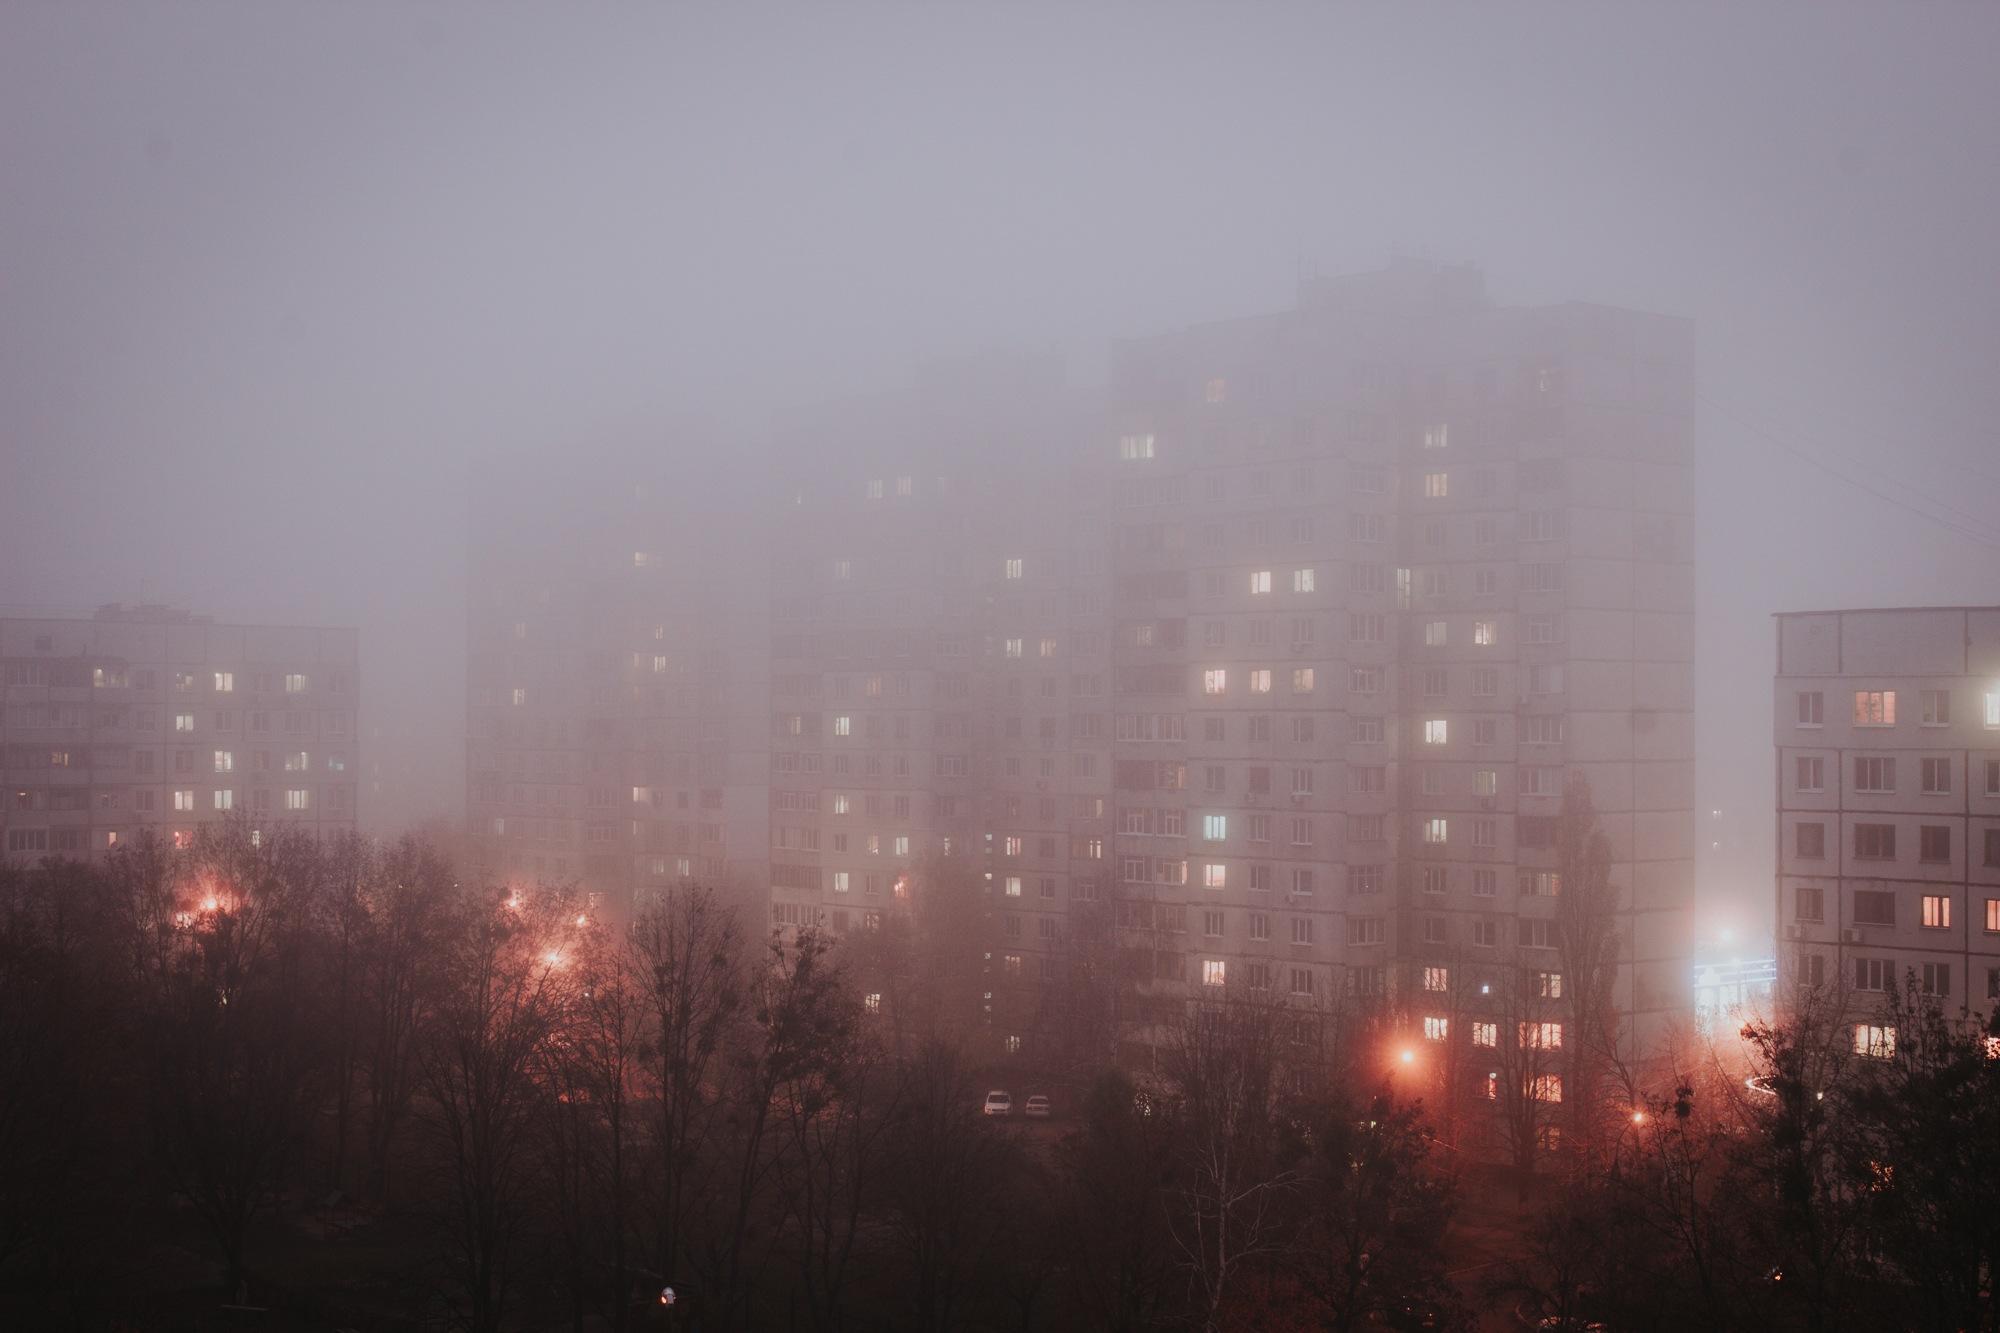 Fog. Vol. 1 by Yaroslav Yersak